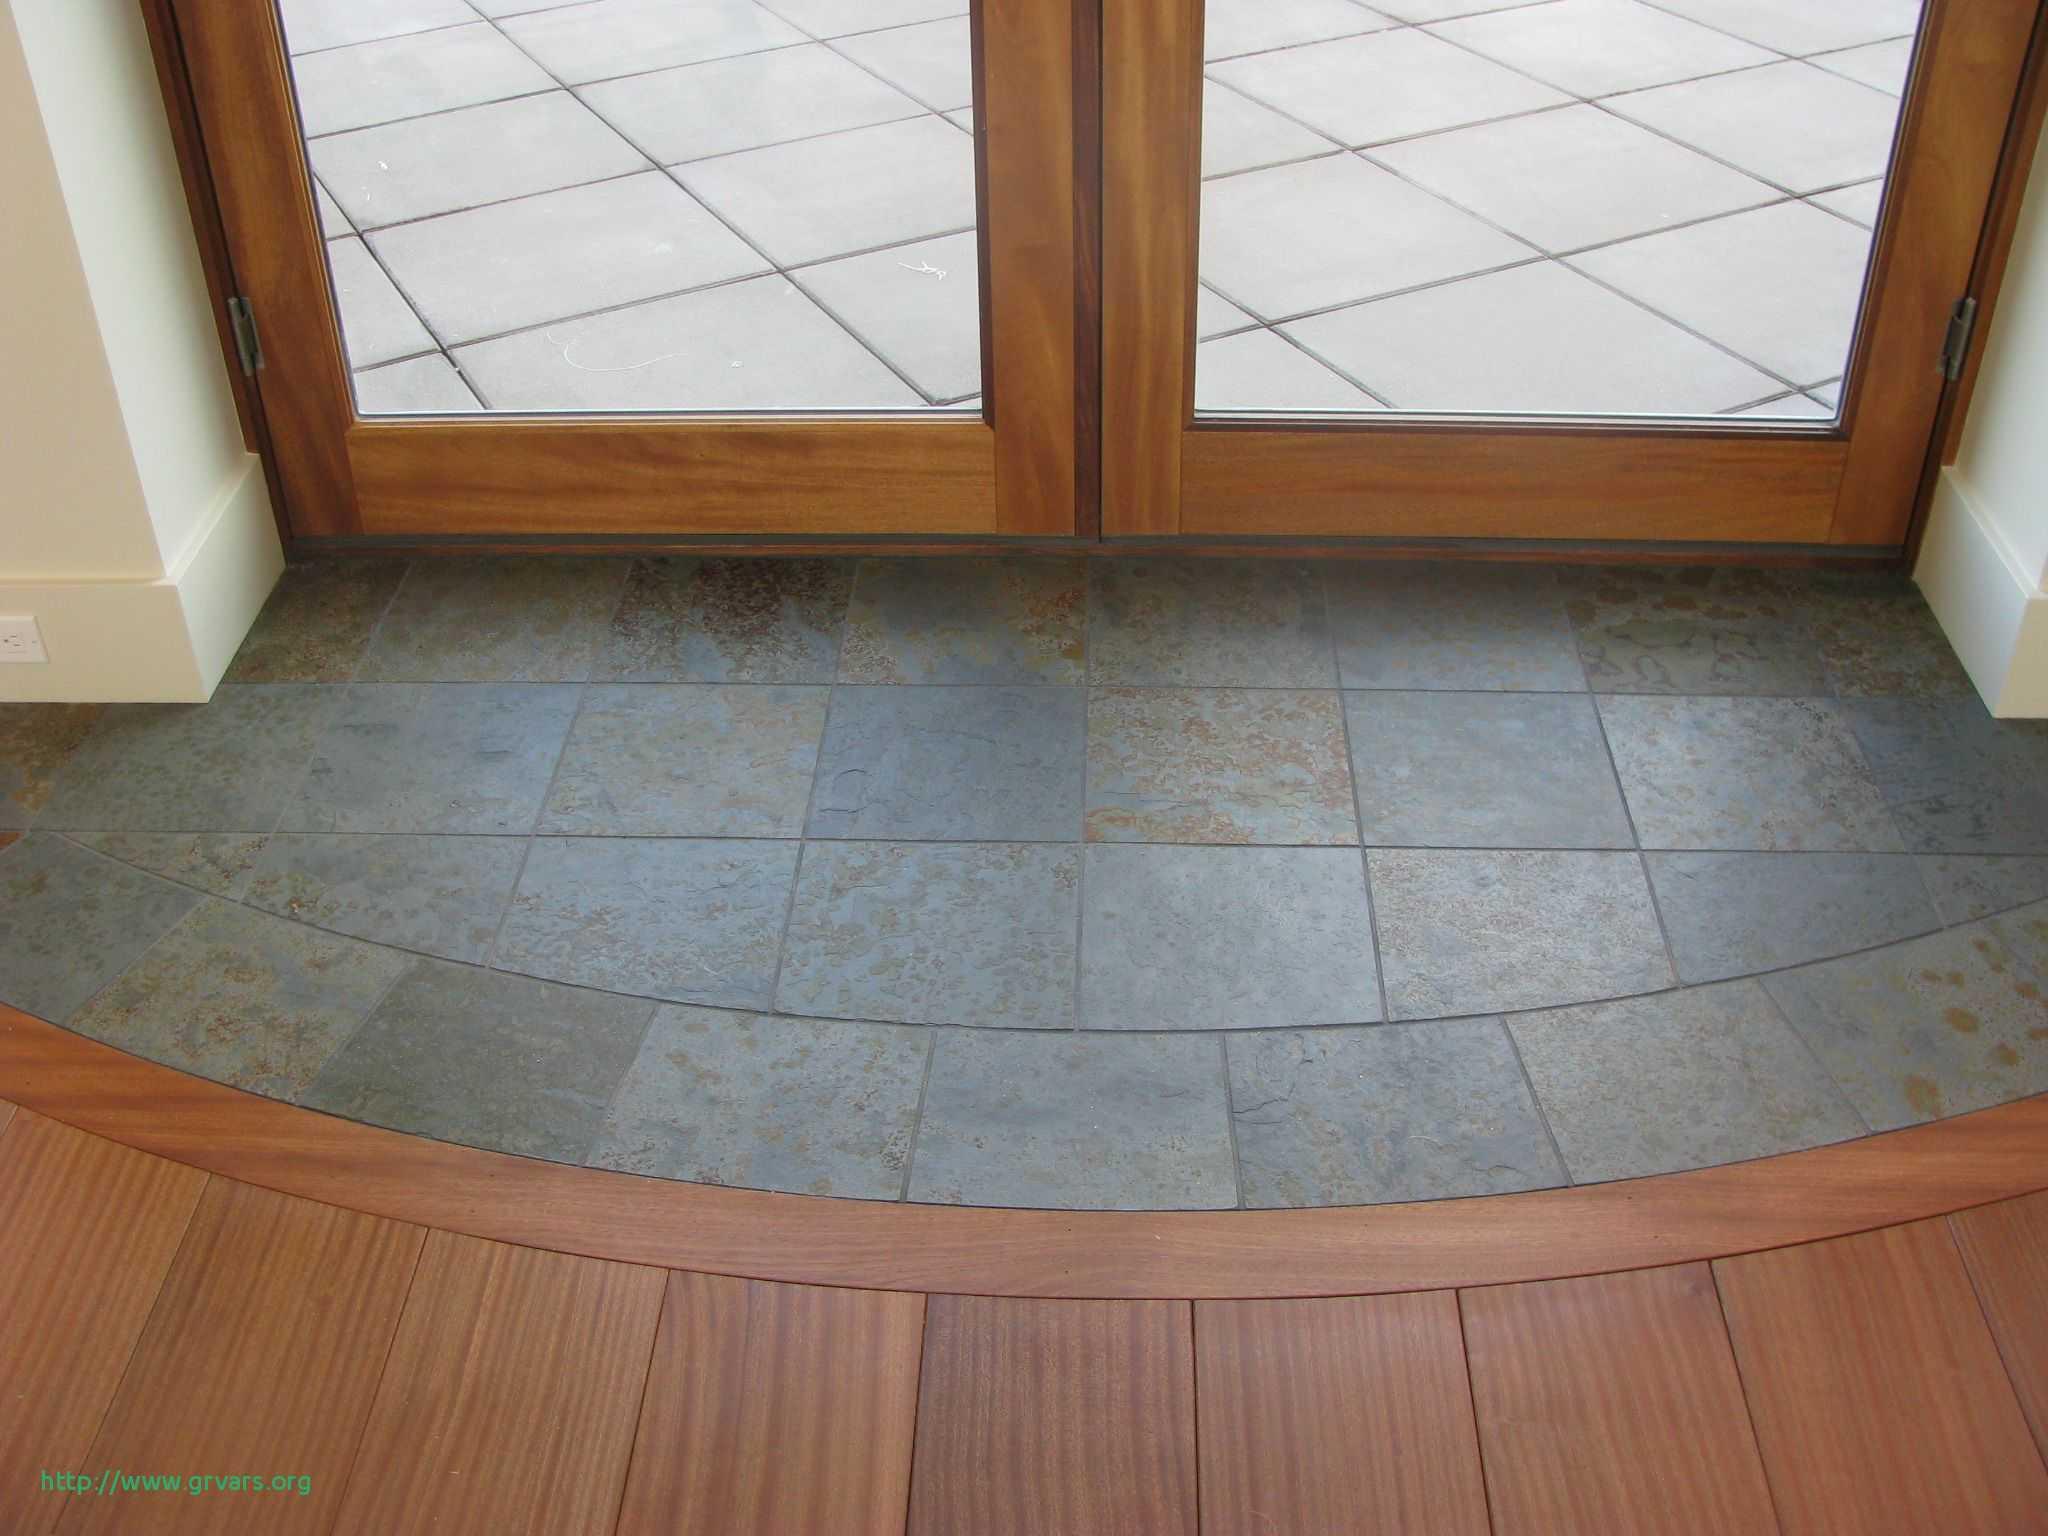 Fireplace Floor Protector Luxury 26 Famous Hardwood Floor Protectors for Beds